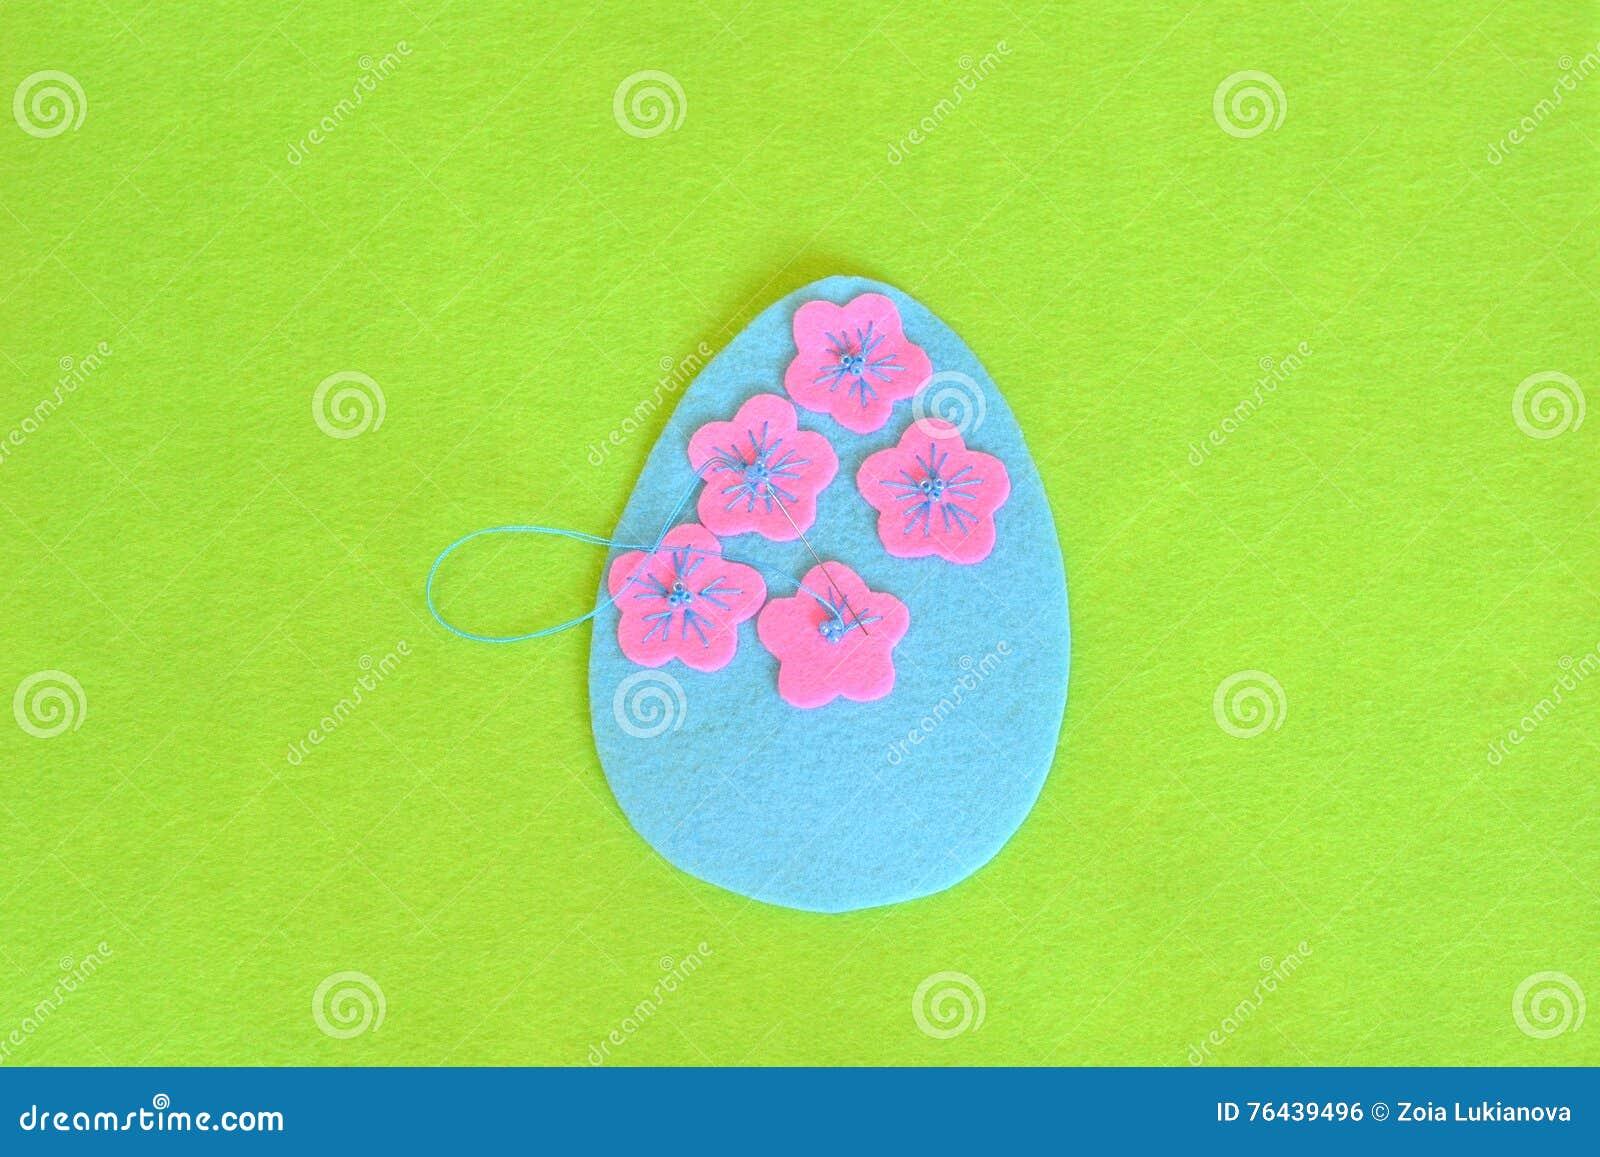 Filz Osterei Mit Blumen Nahen Sie Die Blumen Zum Filzei Jobstep